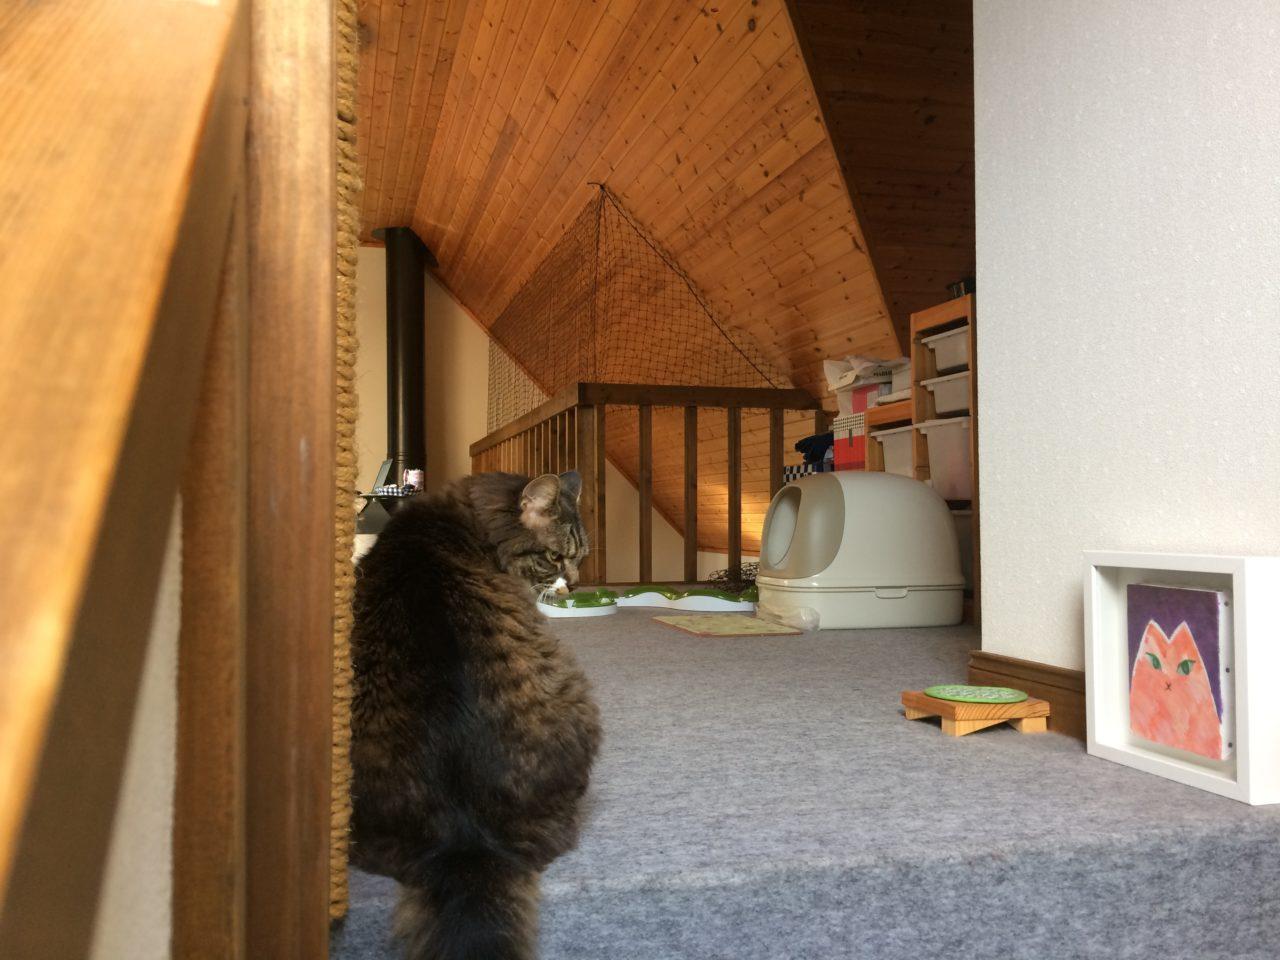 吹き抜けに猫の落下防止用ネットを設置